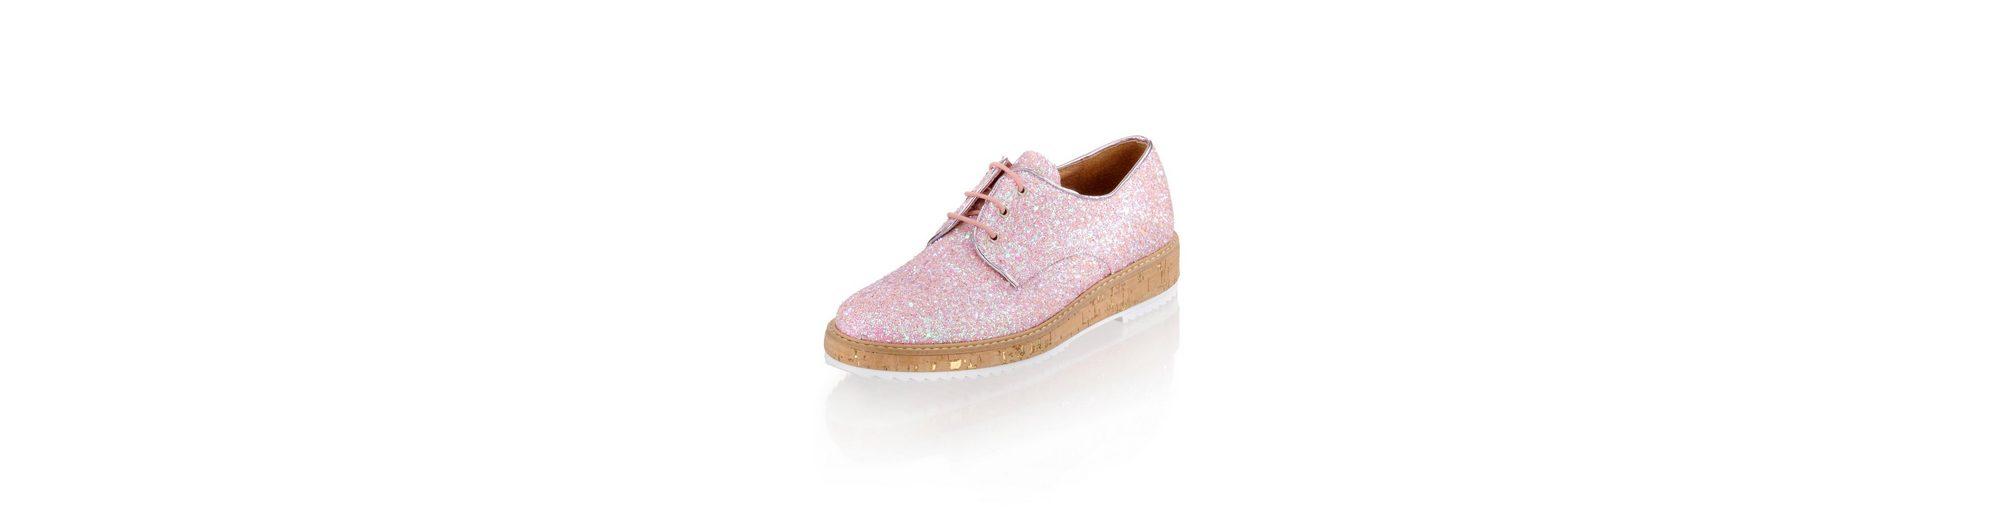 Alba Moda Schnürschuh aus Glittermaterial Rabatt Online-Shopping Qualität Aus Deutschland Billig Wirklich Billig Online Verkauf Fabrikverkauf AyKKh